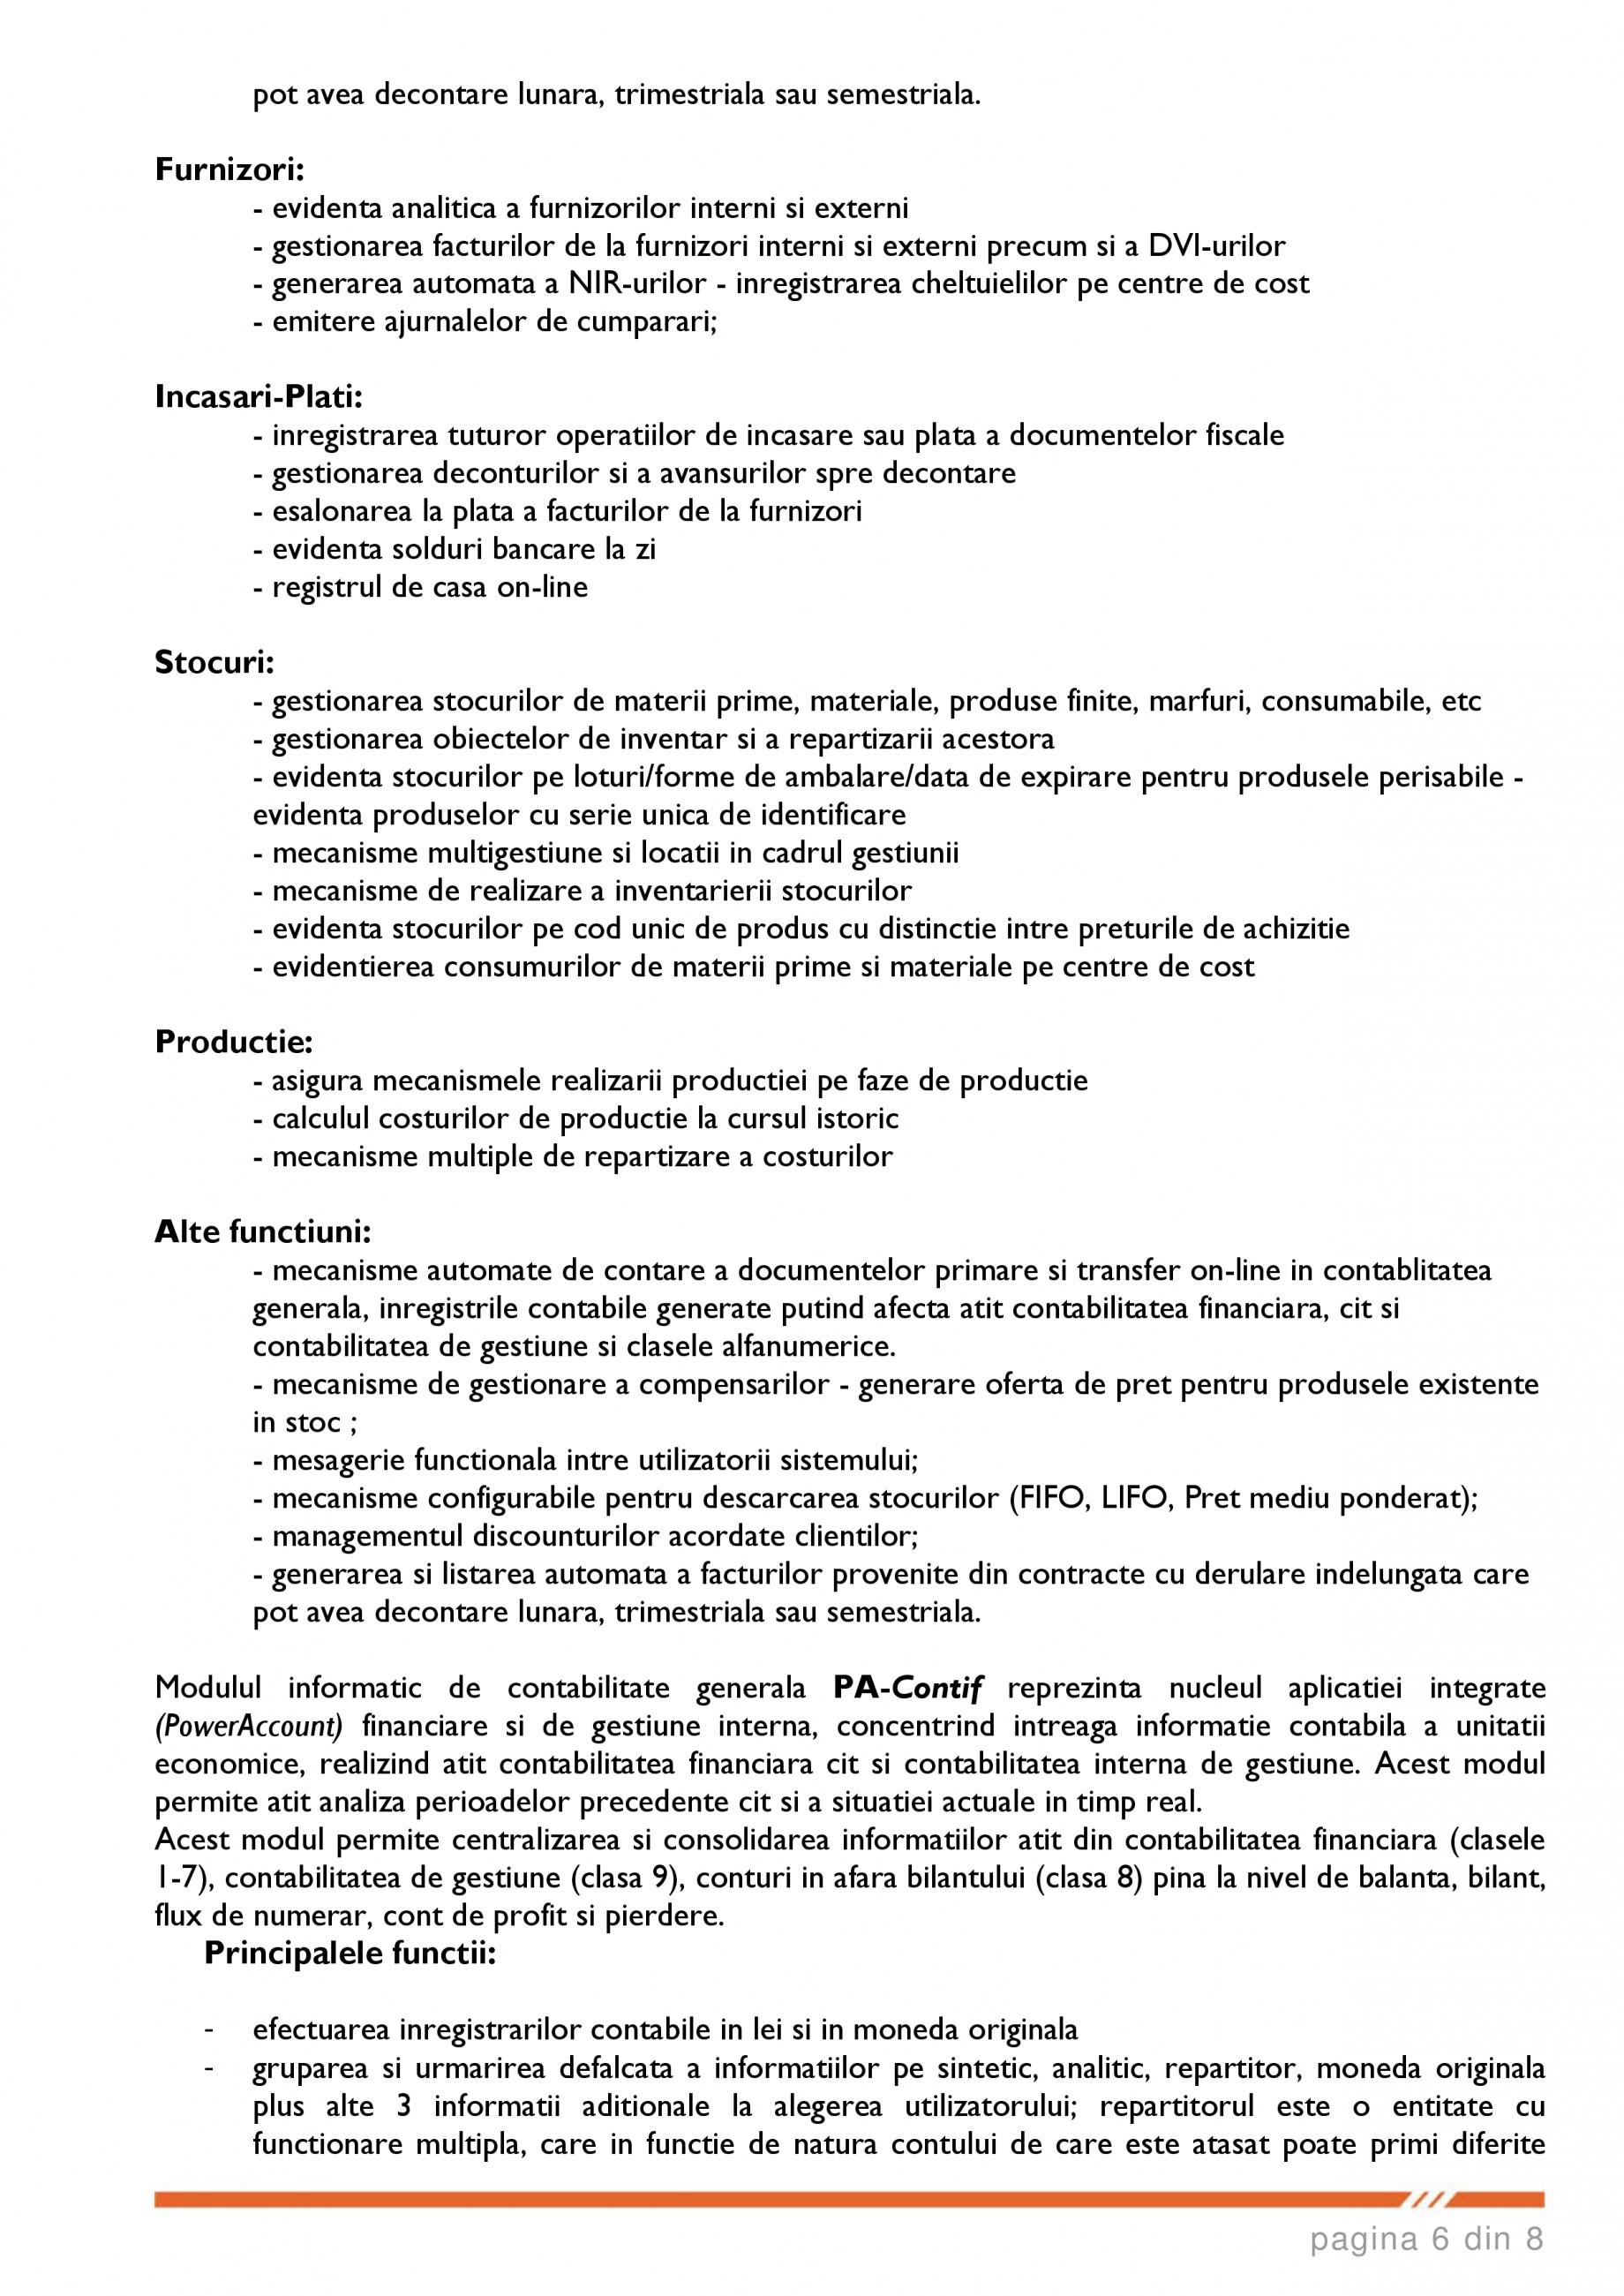 Catalog, brosura SCOP-C - Sistem pentru conducerea si organizarea productiei in constructii si instalatii SOFTEH PLUS Sistemul ERP - Planificarea Resurselor Intreprinderii SOFTEH PLUS  - Pagina 6